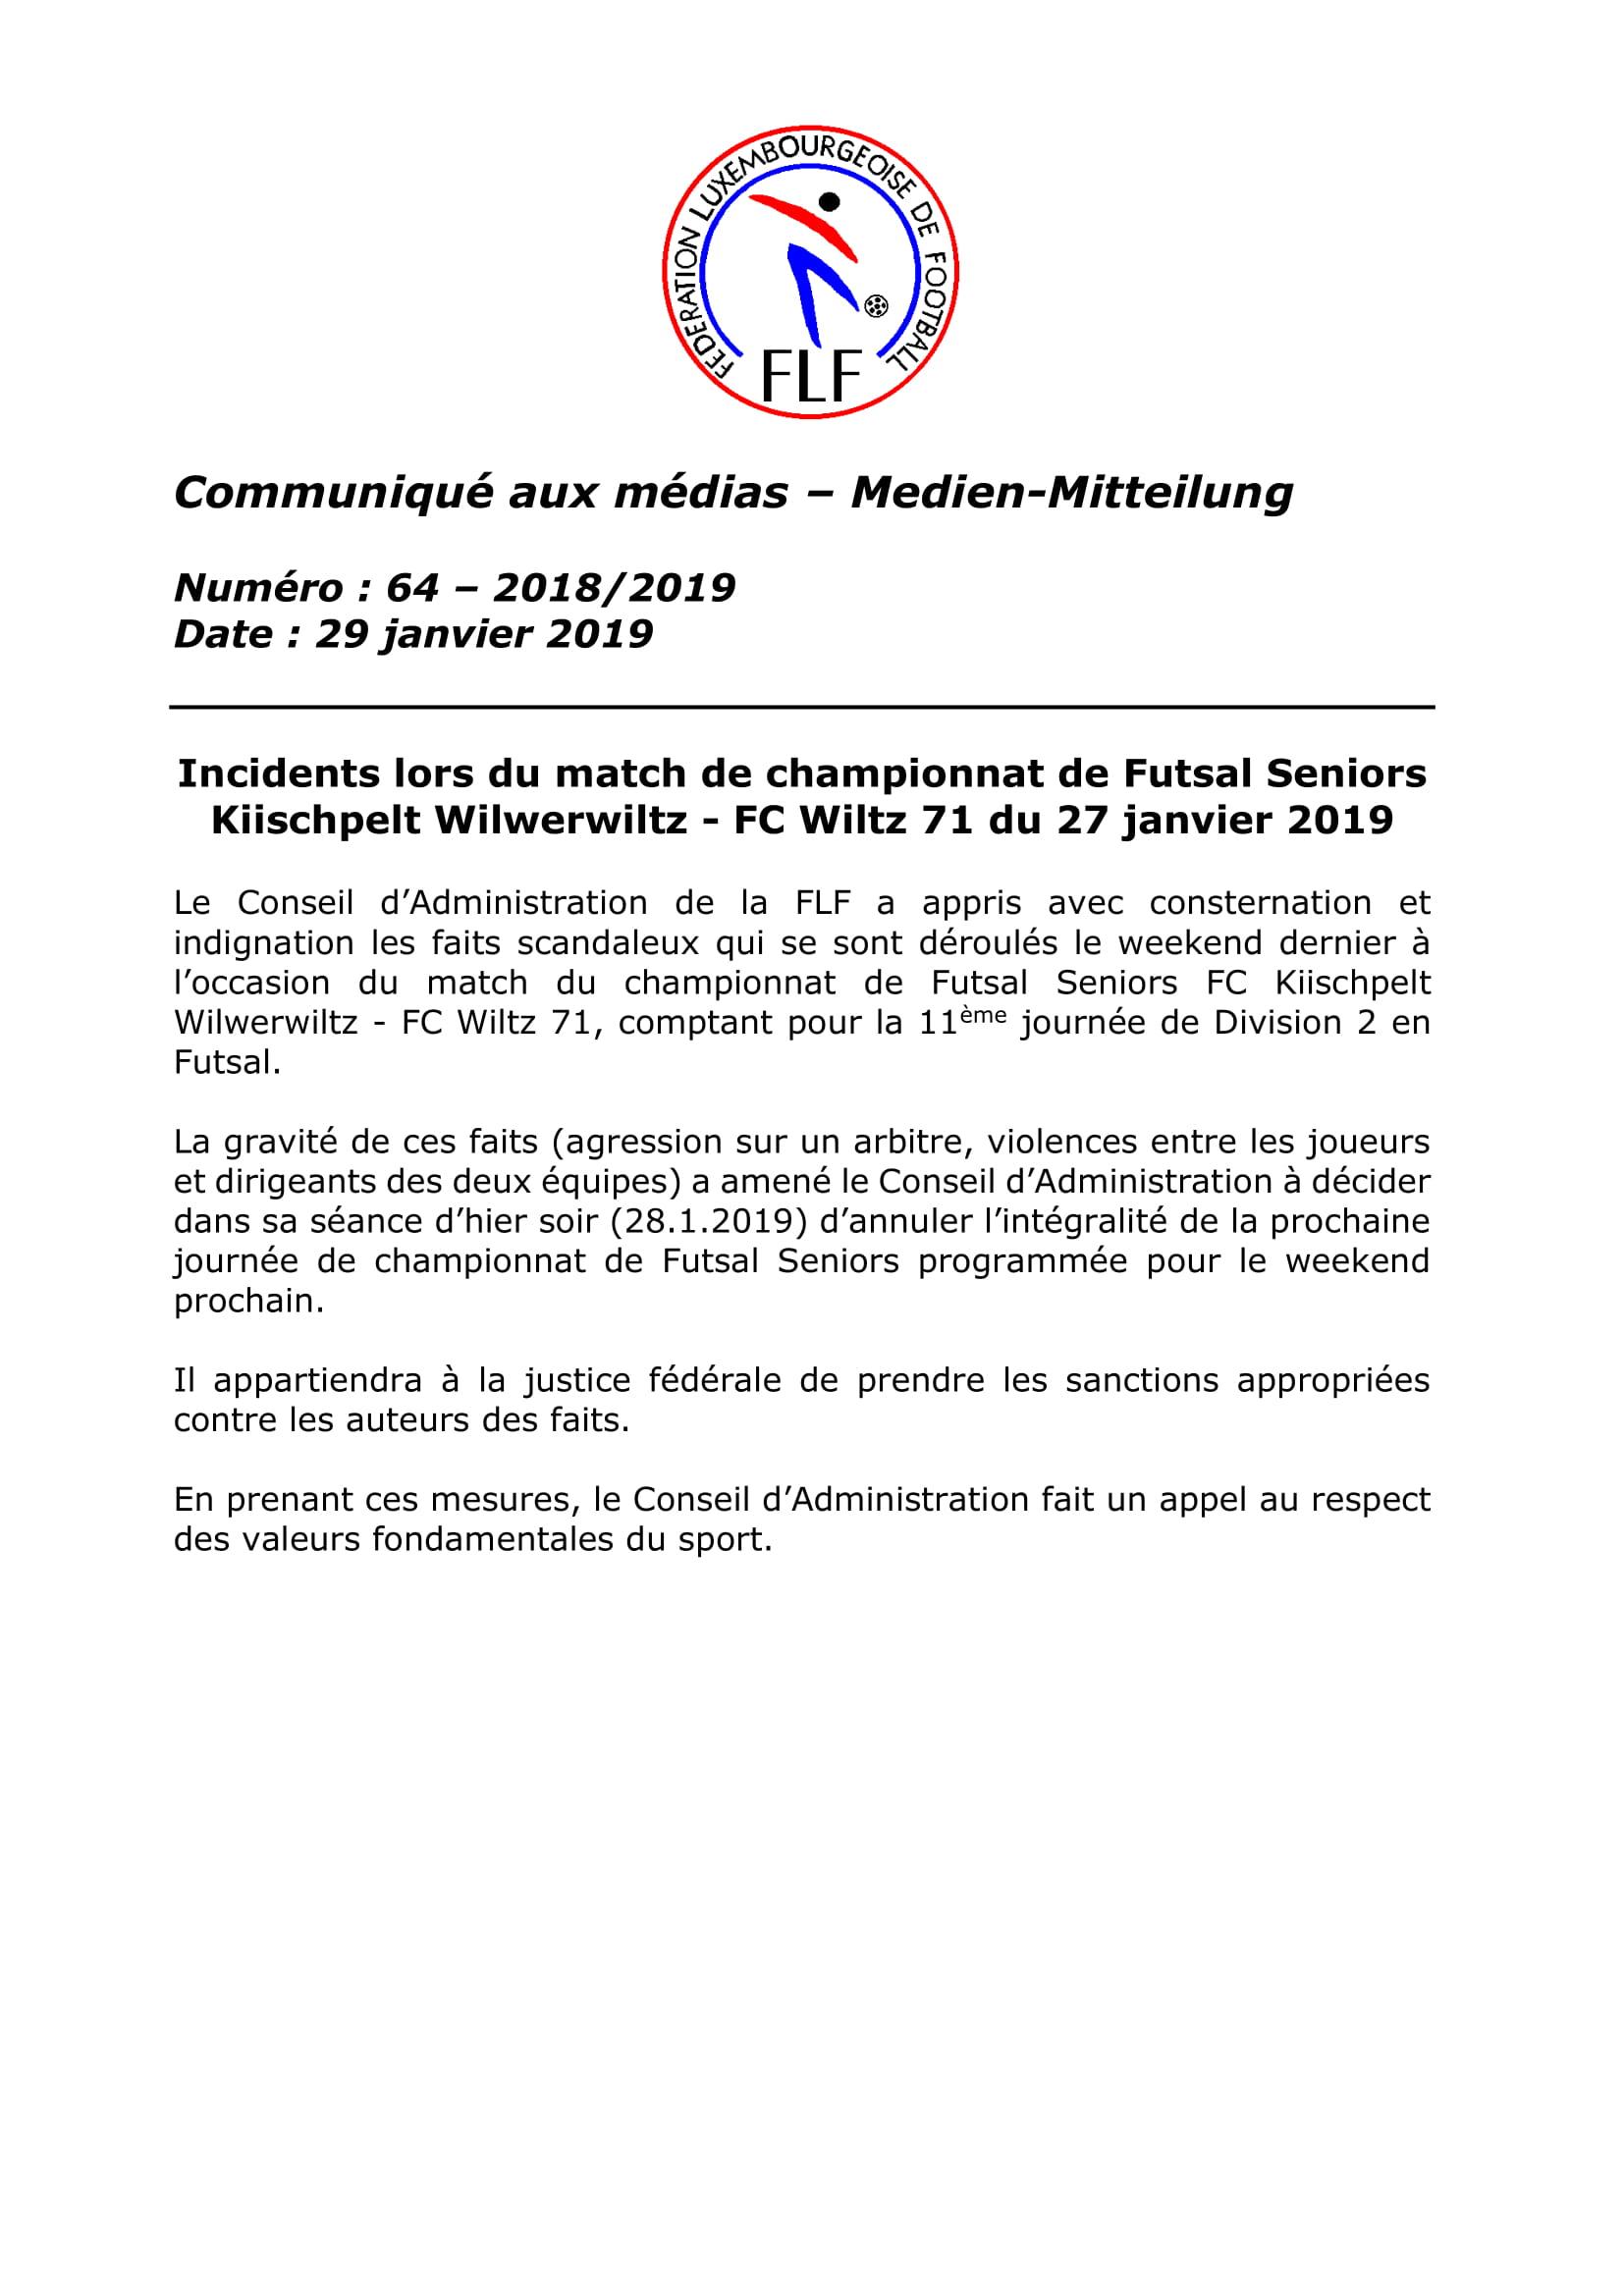 verdict tribunal fédéral - affaire Futsal Wilwerwiltz - Wiltz